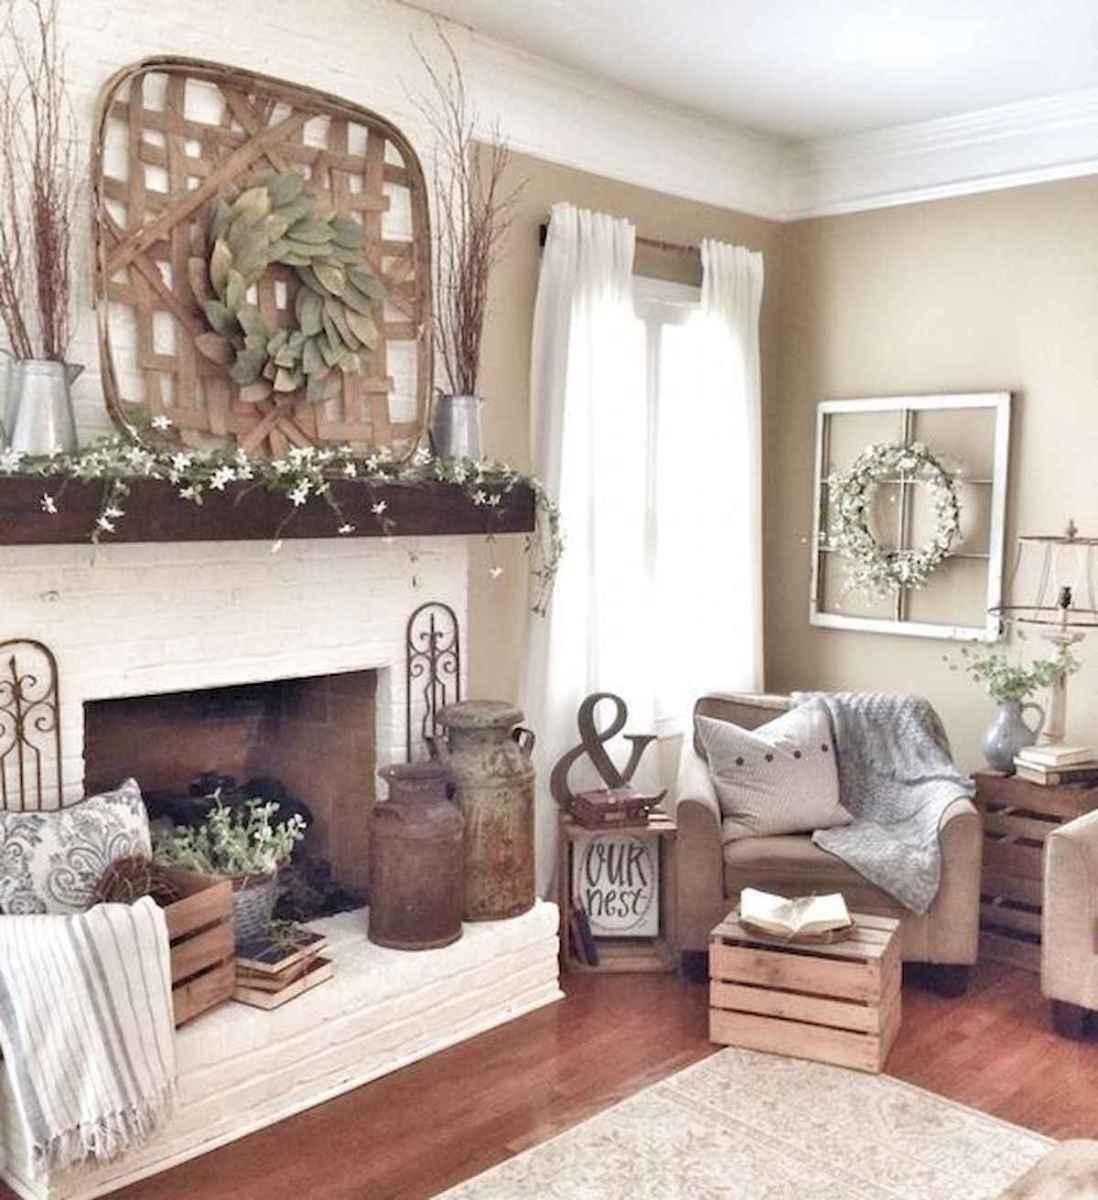 30 elegant farmhouse decor ideas (17)